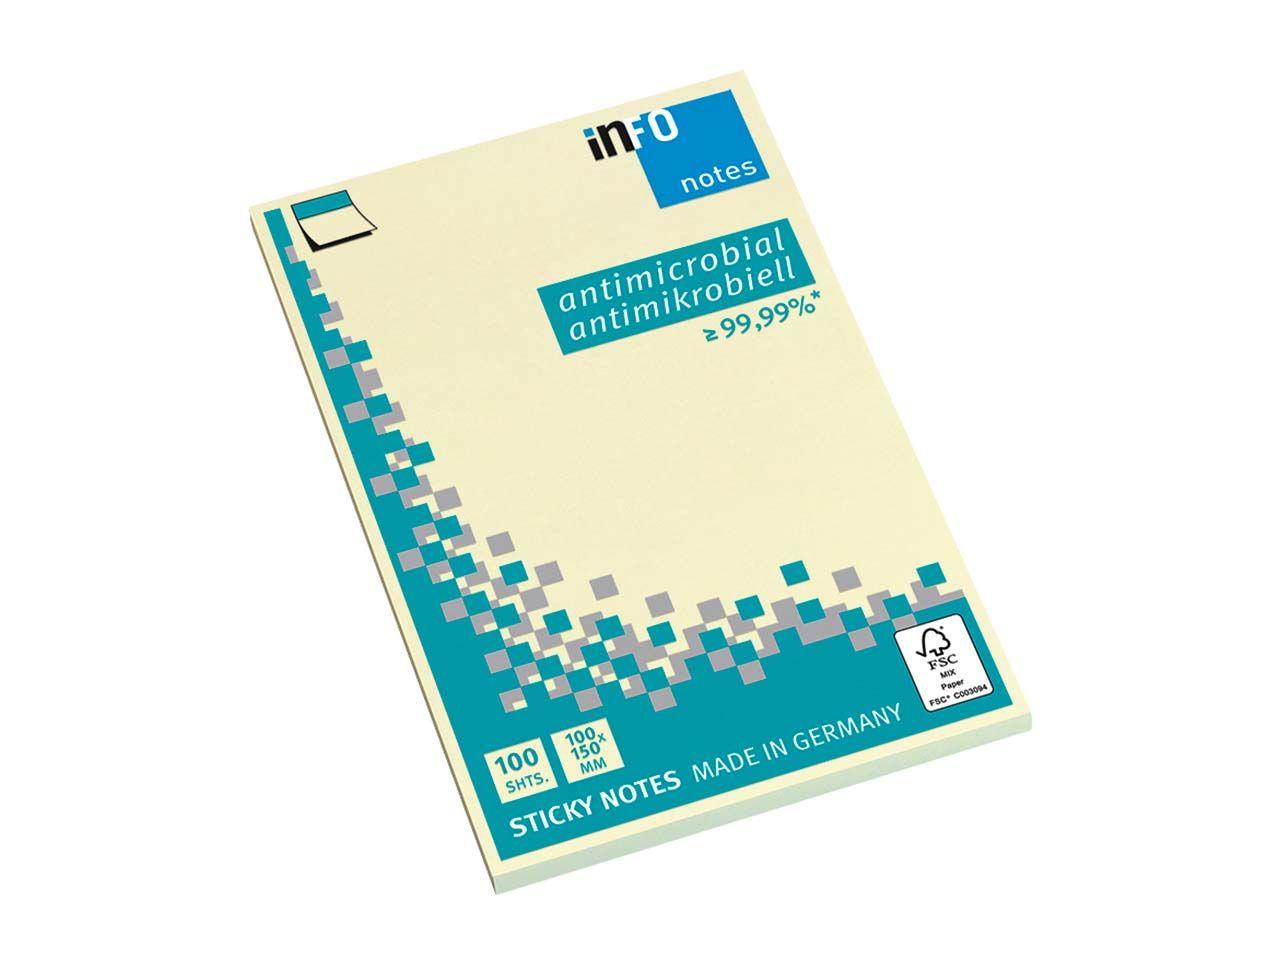 Info Hygienische Haftnotizen antimikrobiell, 12 x 100 Blatt, 100 x 150 mm, gelb 5169-01